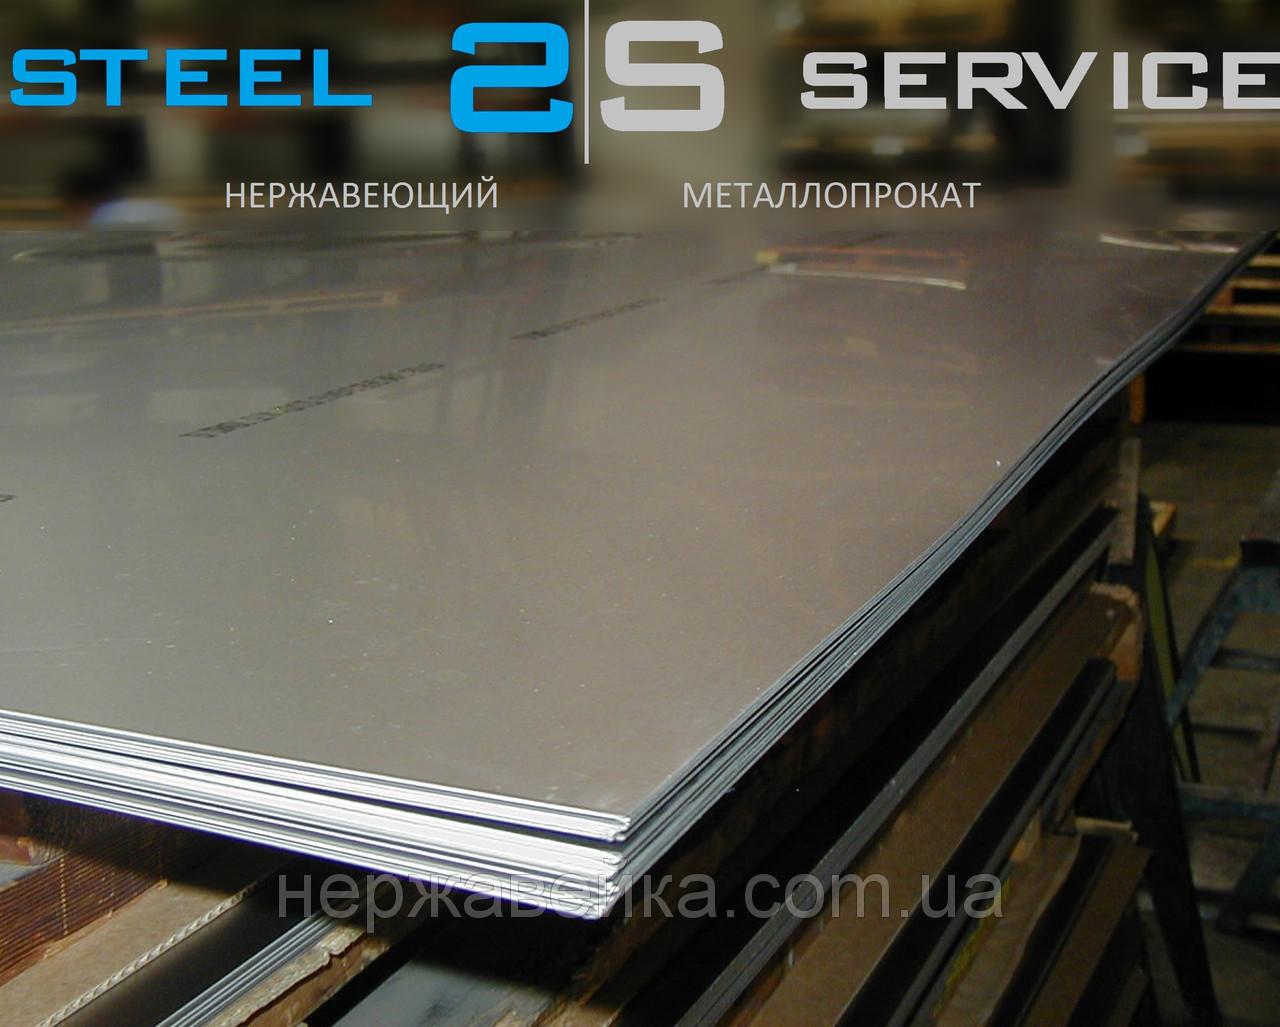 Листовая нержавейка 0,5х1000х2000мм AISI 316Ti(10Х17Н13М2Т) 4N - шлифованный,  кислотостойкий